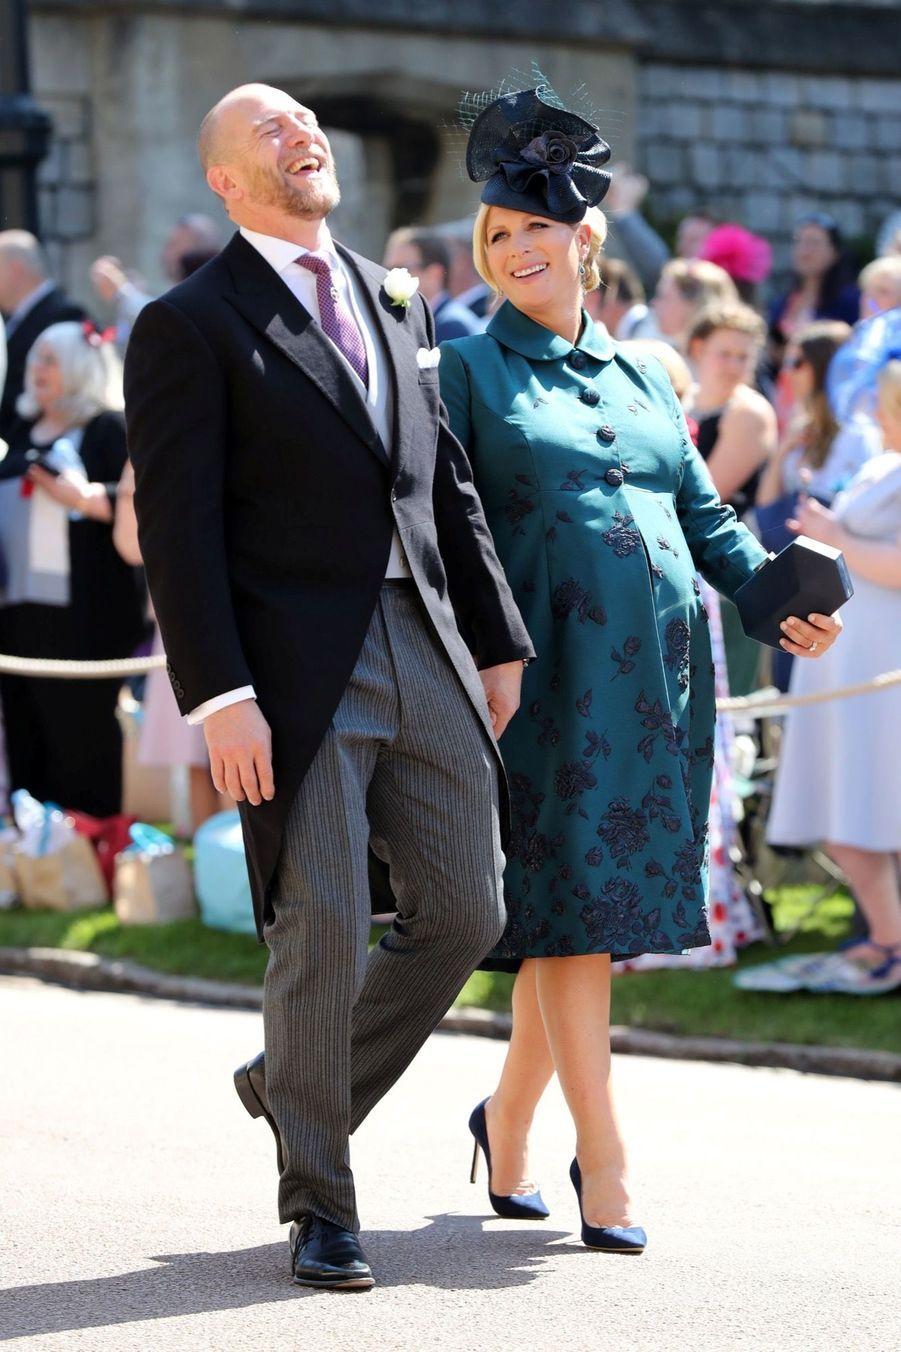 Les Plus Belles Photos Du Mariage Du Prince Harry Et Meghan Markle ( 8